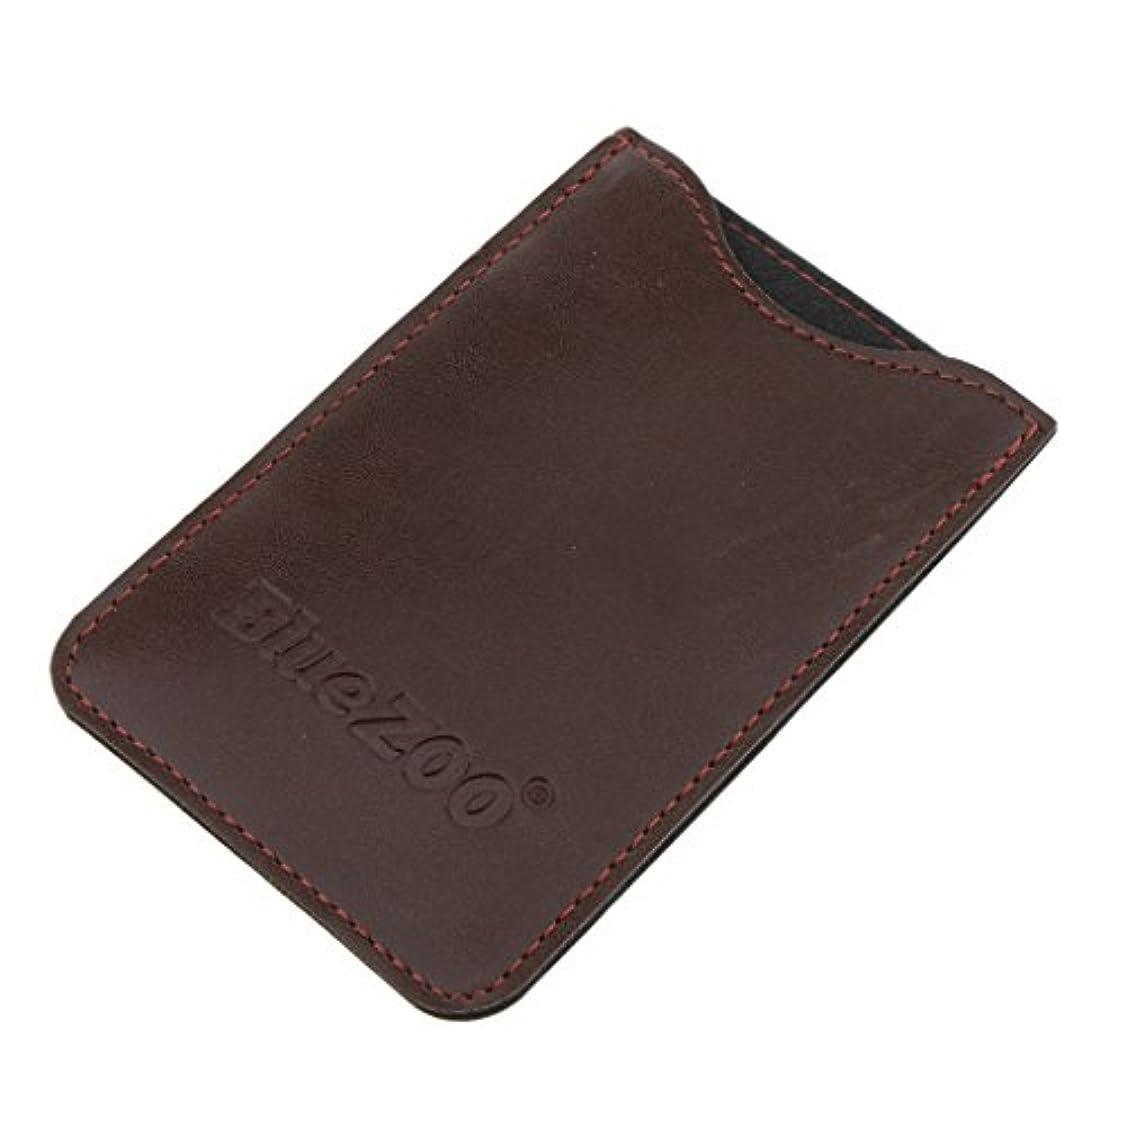 スクリーチ問い合わせる動物園コンビバッグ PUレザー 櫛バッグ ポケット オーガナイザー 収納ケース 保護カバー パック 全2色 - 褐色